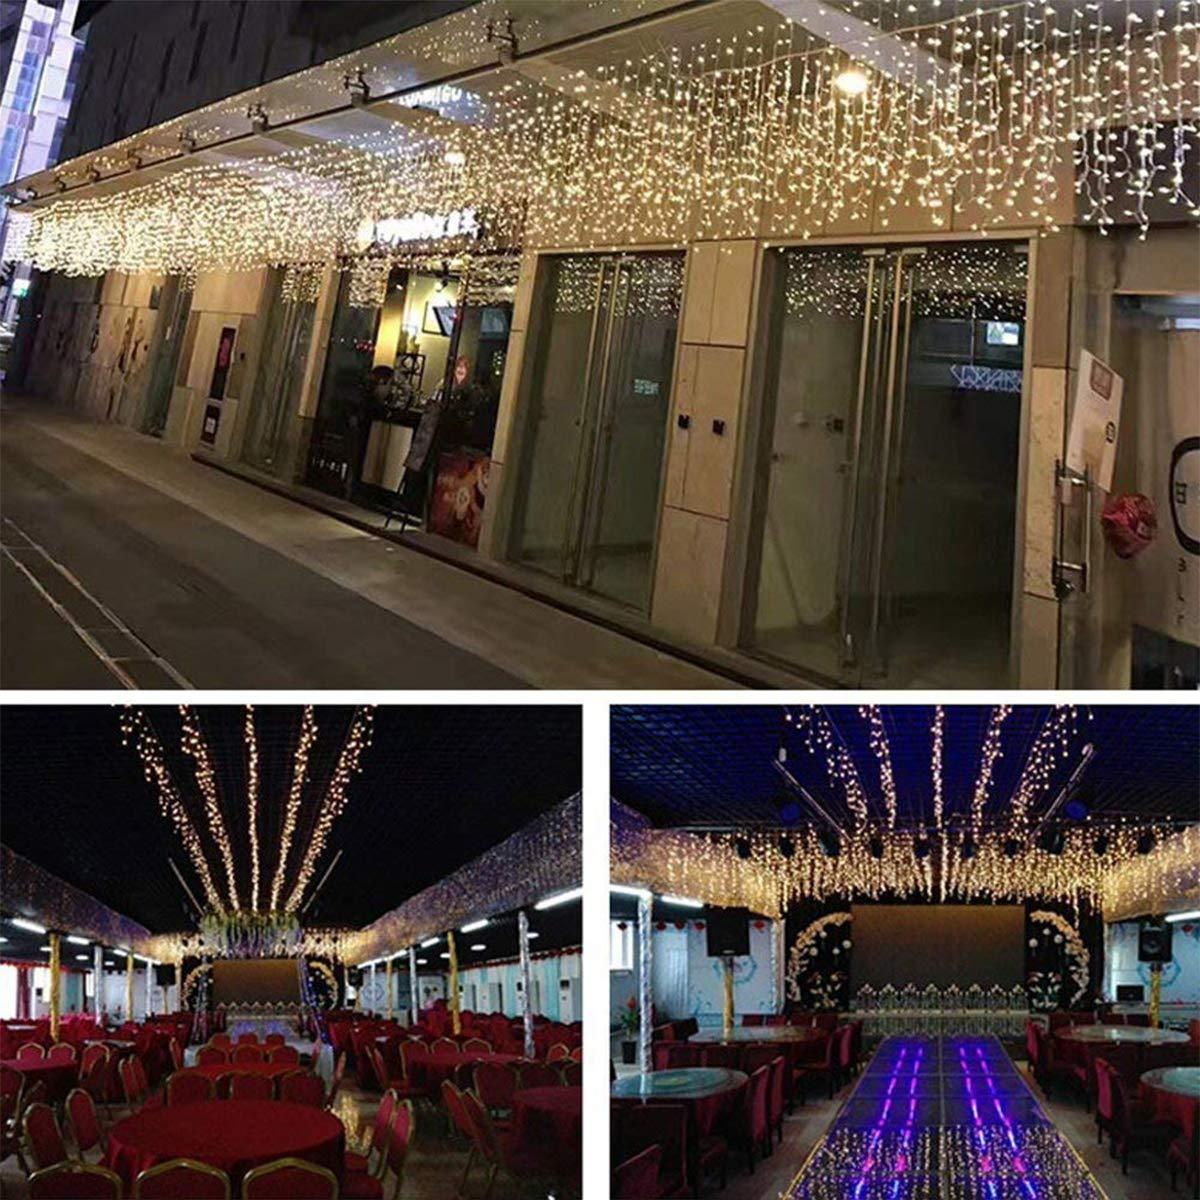 Weihnachtsbeleuchtung Mit Fernbedienung.Lichterkette Außen B Right 480 Led Lichterkette Strombetrieben